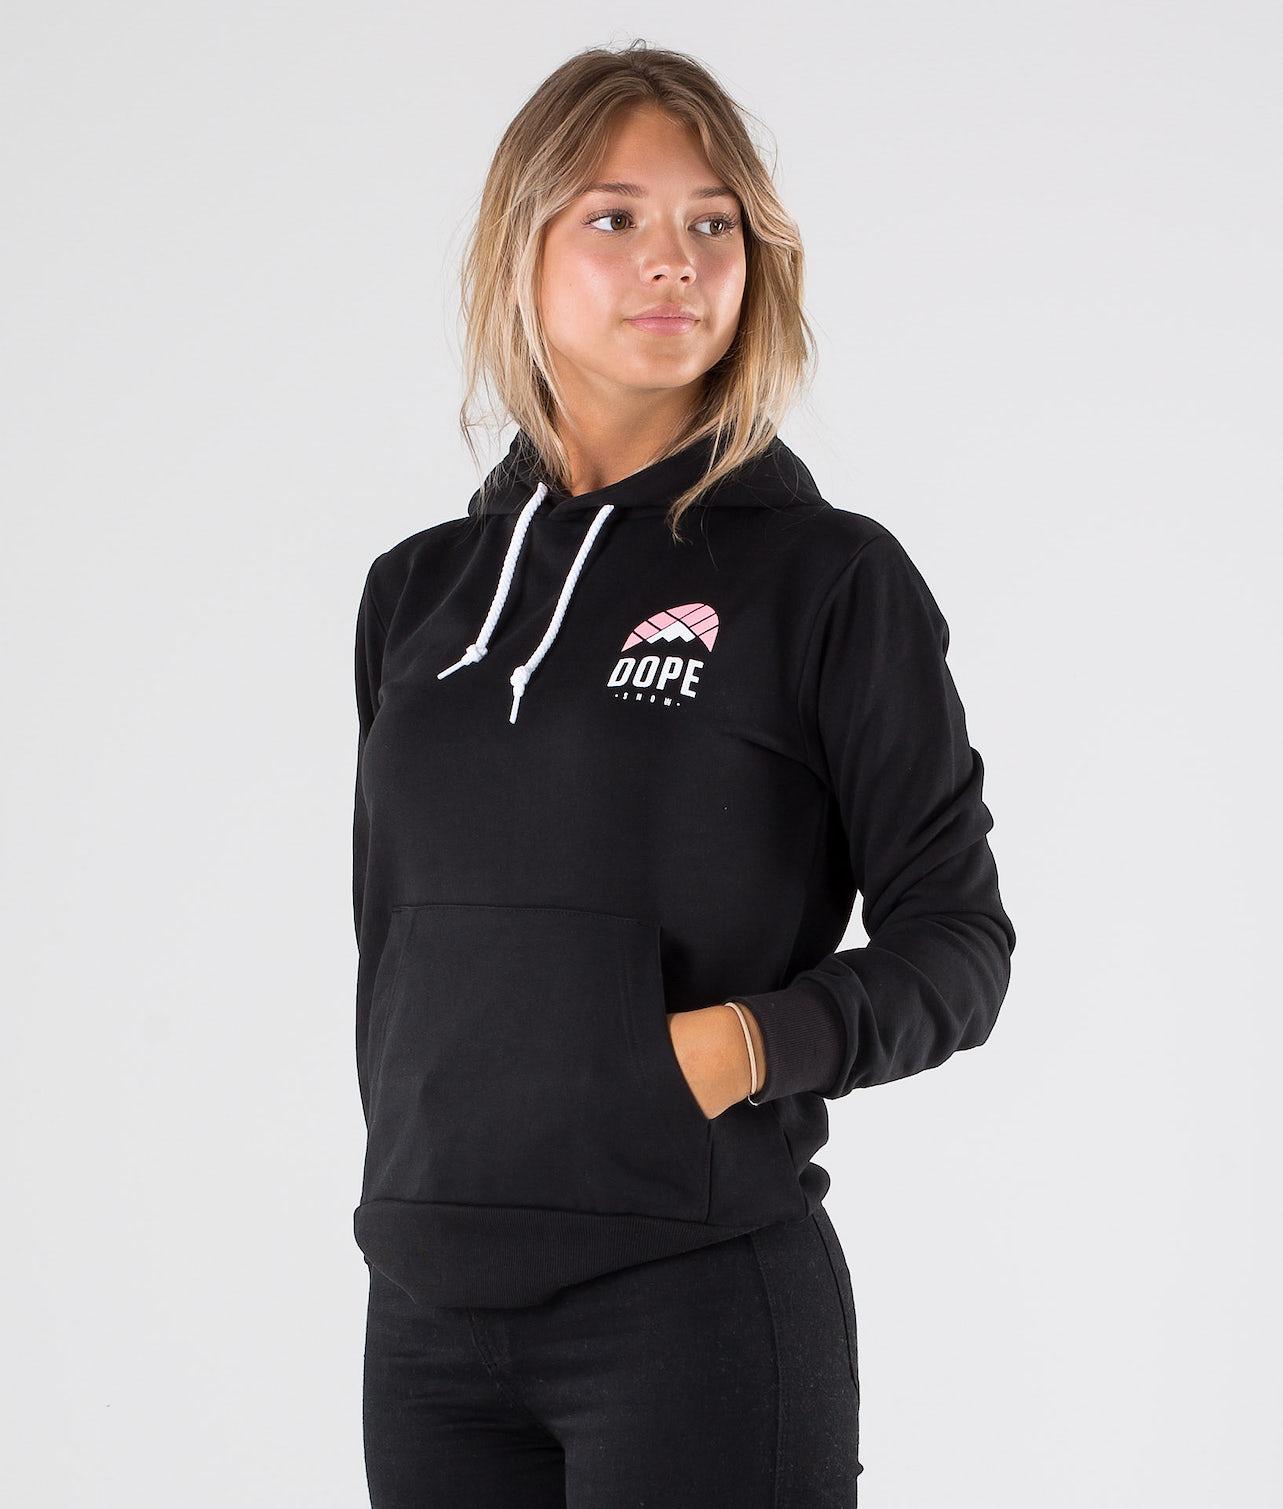 Kjøp Copain Retro Hood fra Dope på Ridestore.no - Hos oss har du alltid fri frakt, fri retur og 30 dagers åpent kjøp!